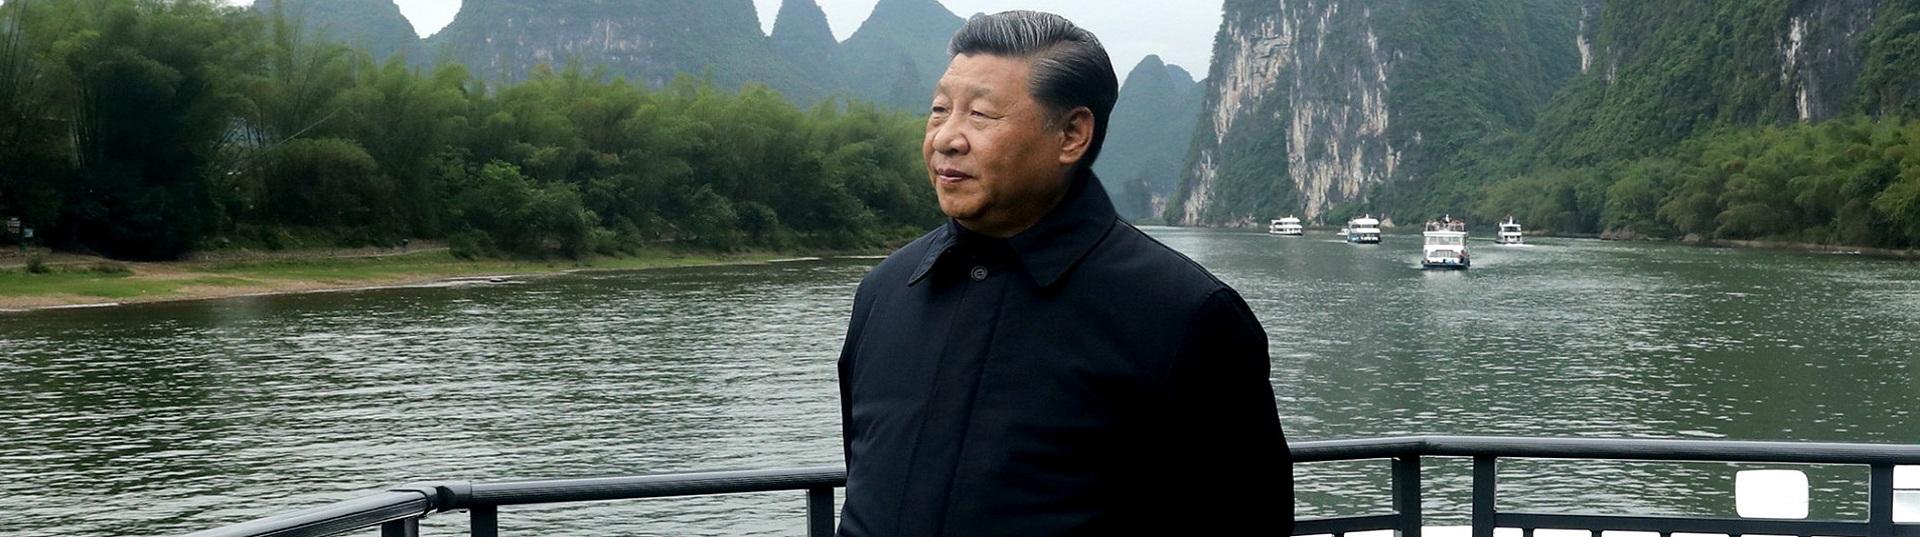 Xi inspects South China's Guangxi